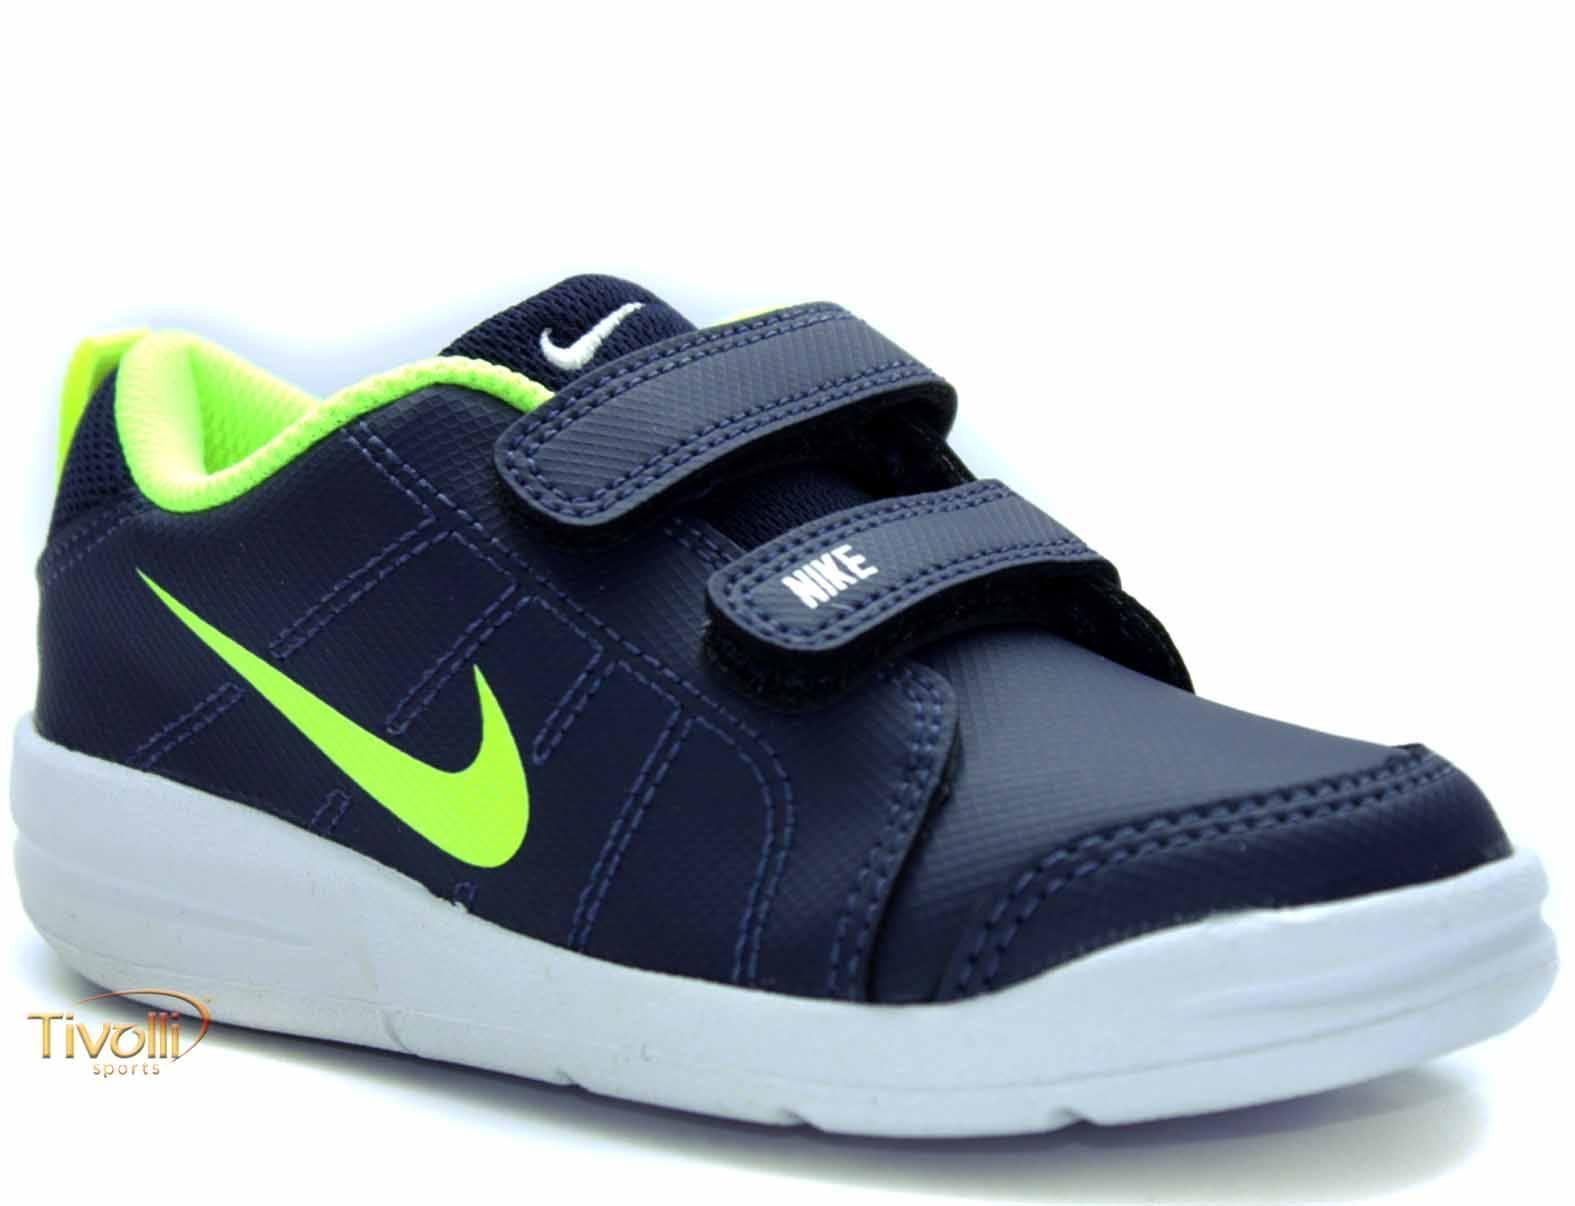 02f9770c114 Tênis Nike Pico LT (PSV) - Tamanhos 27 ao 33 Infantil Azul Marinho e Verde  Flúor